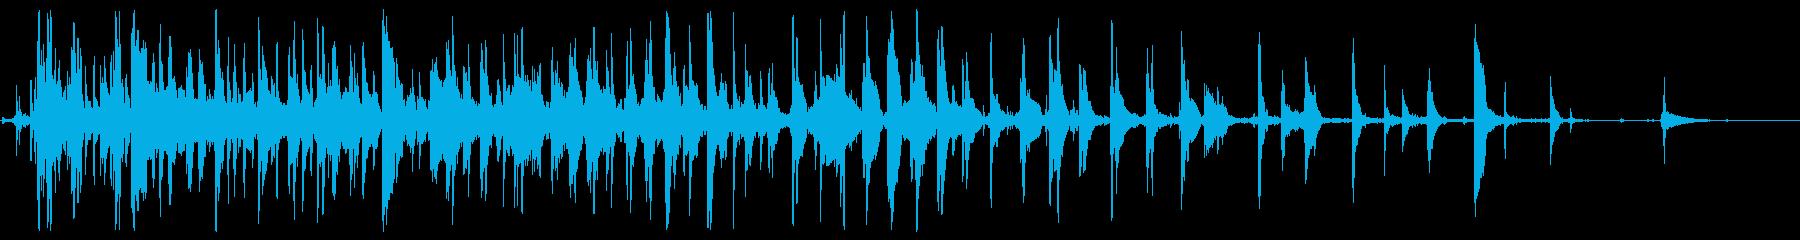 ラティリーメタルディスクスピン、フォリーの再生済みの波形